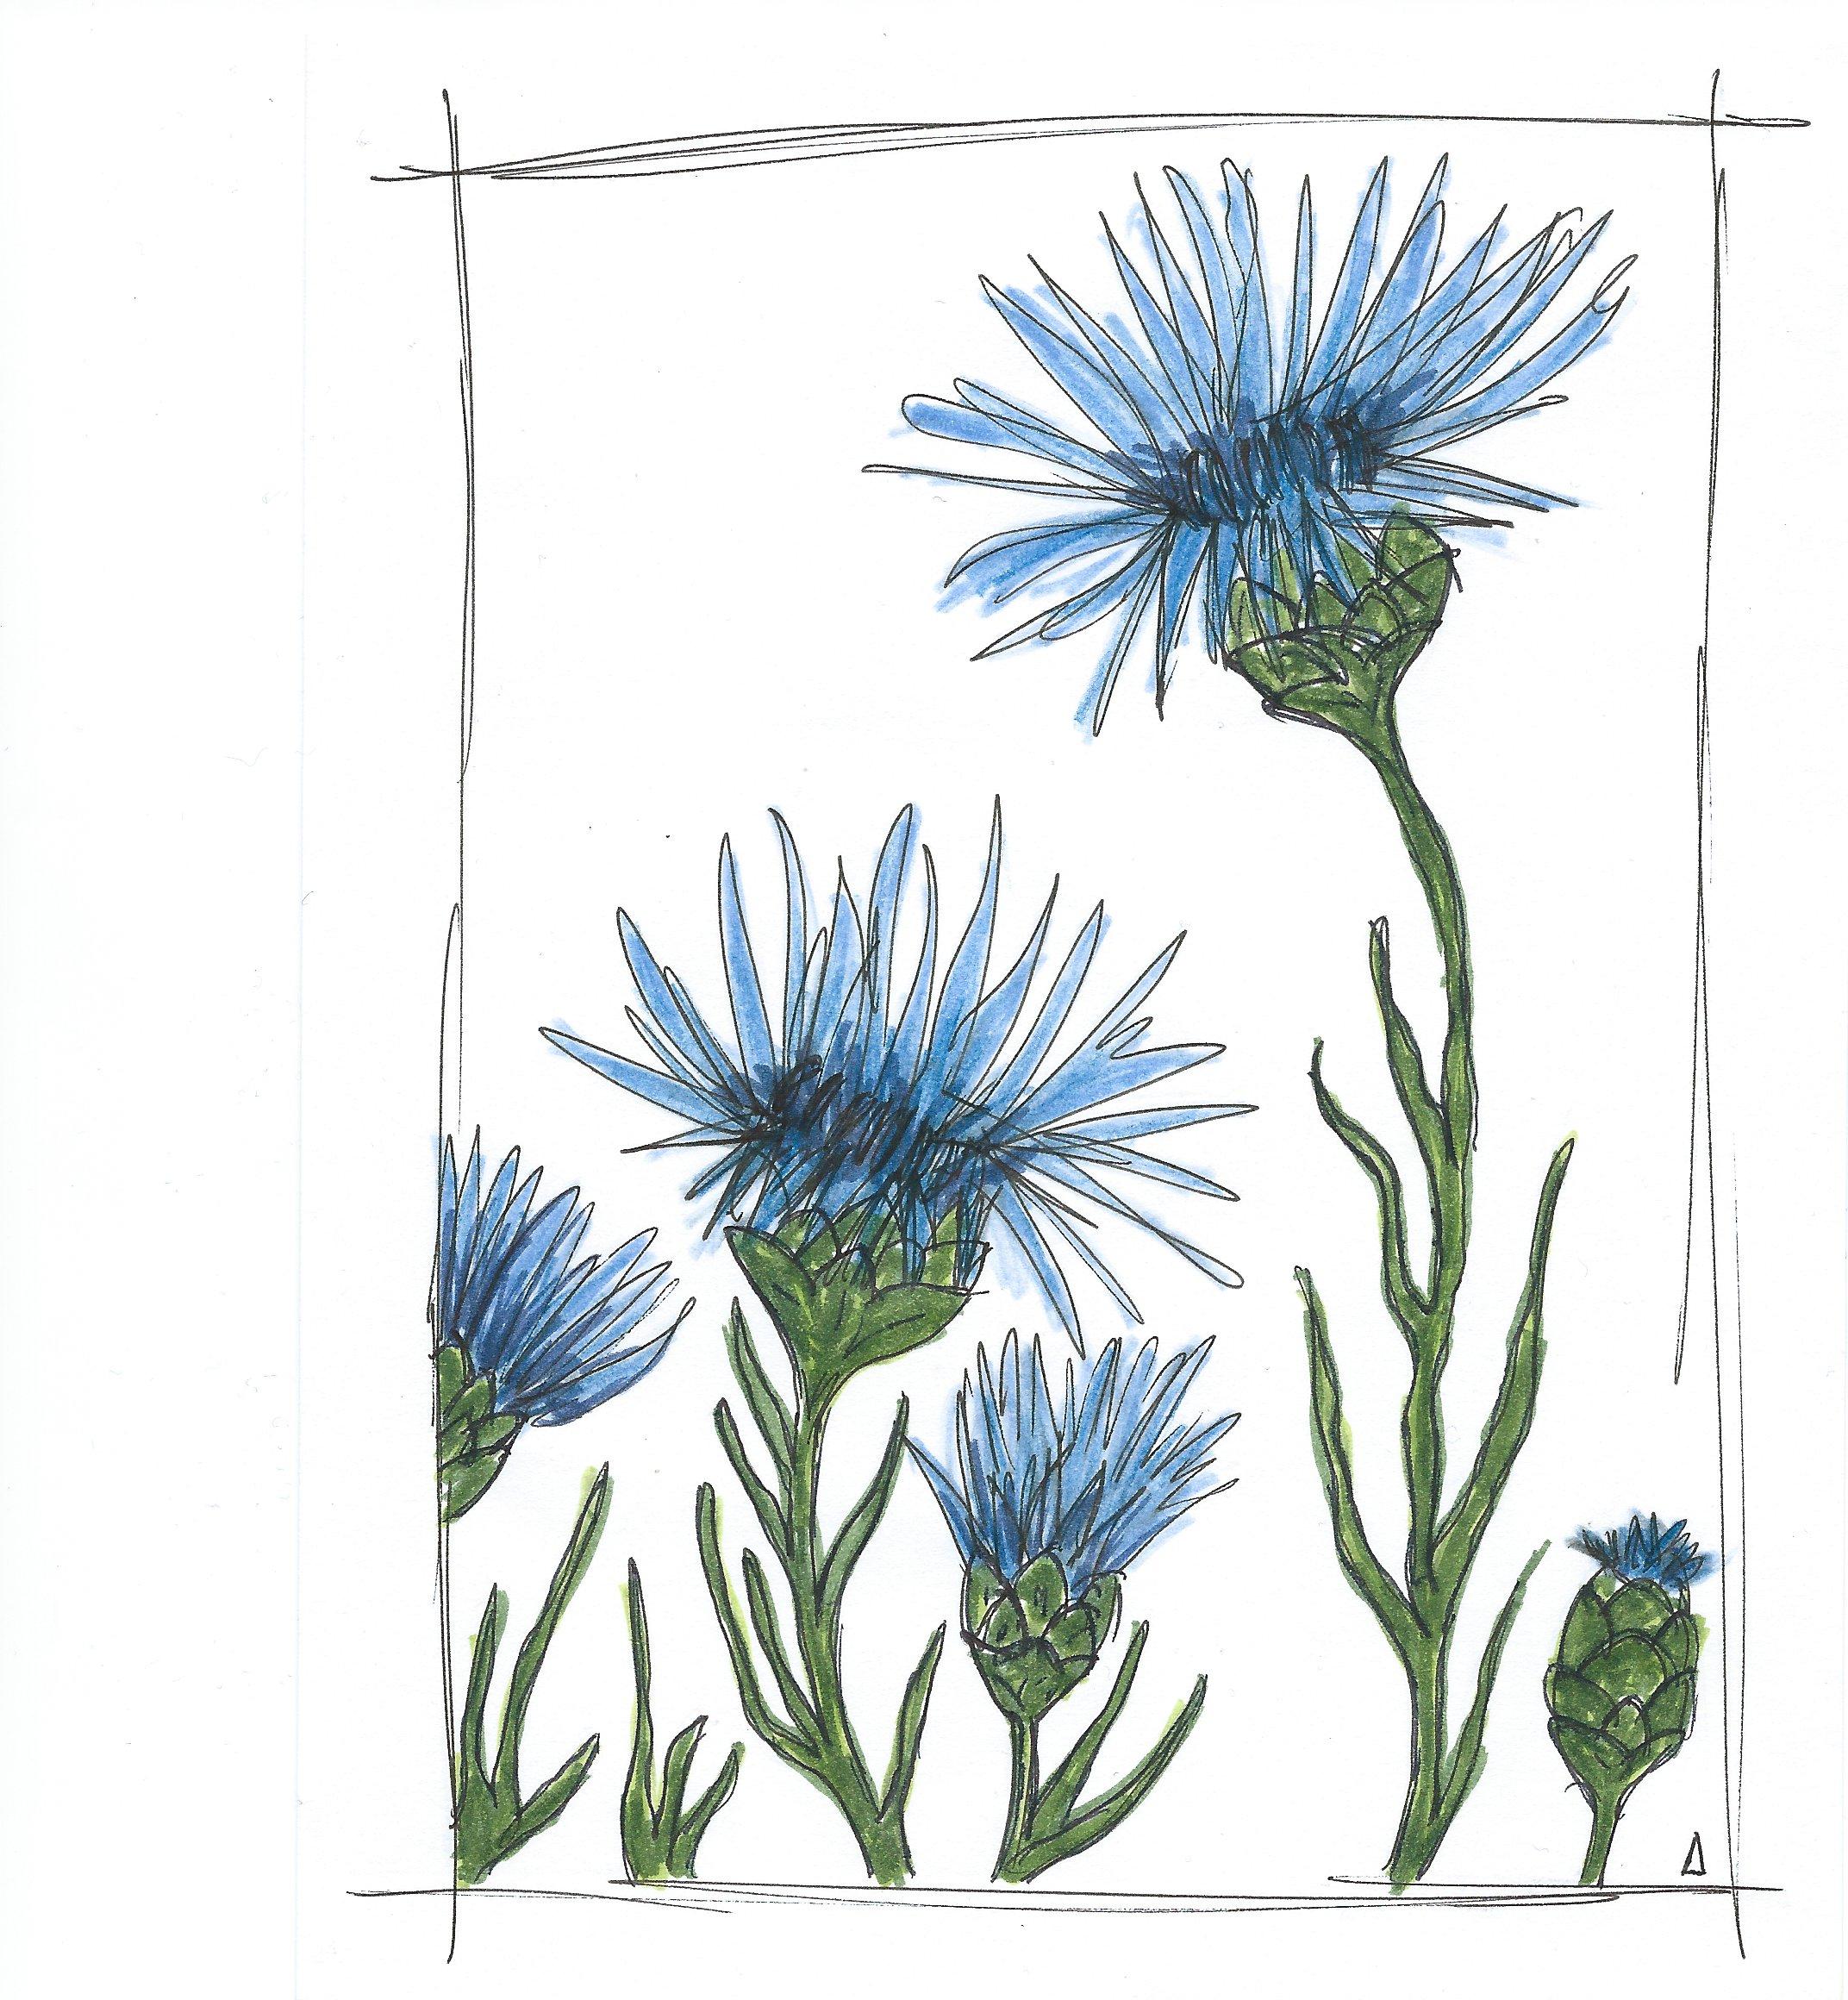 Dessin de bleuets - Anna Aubourg